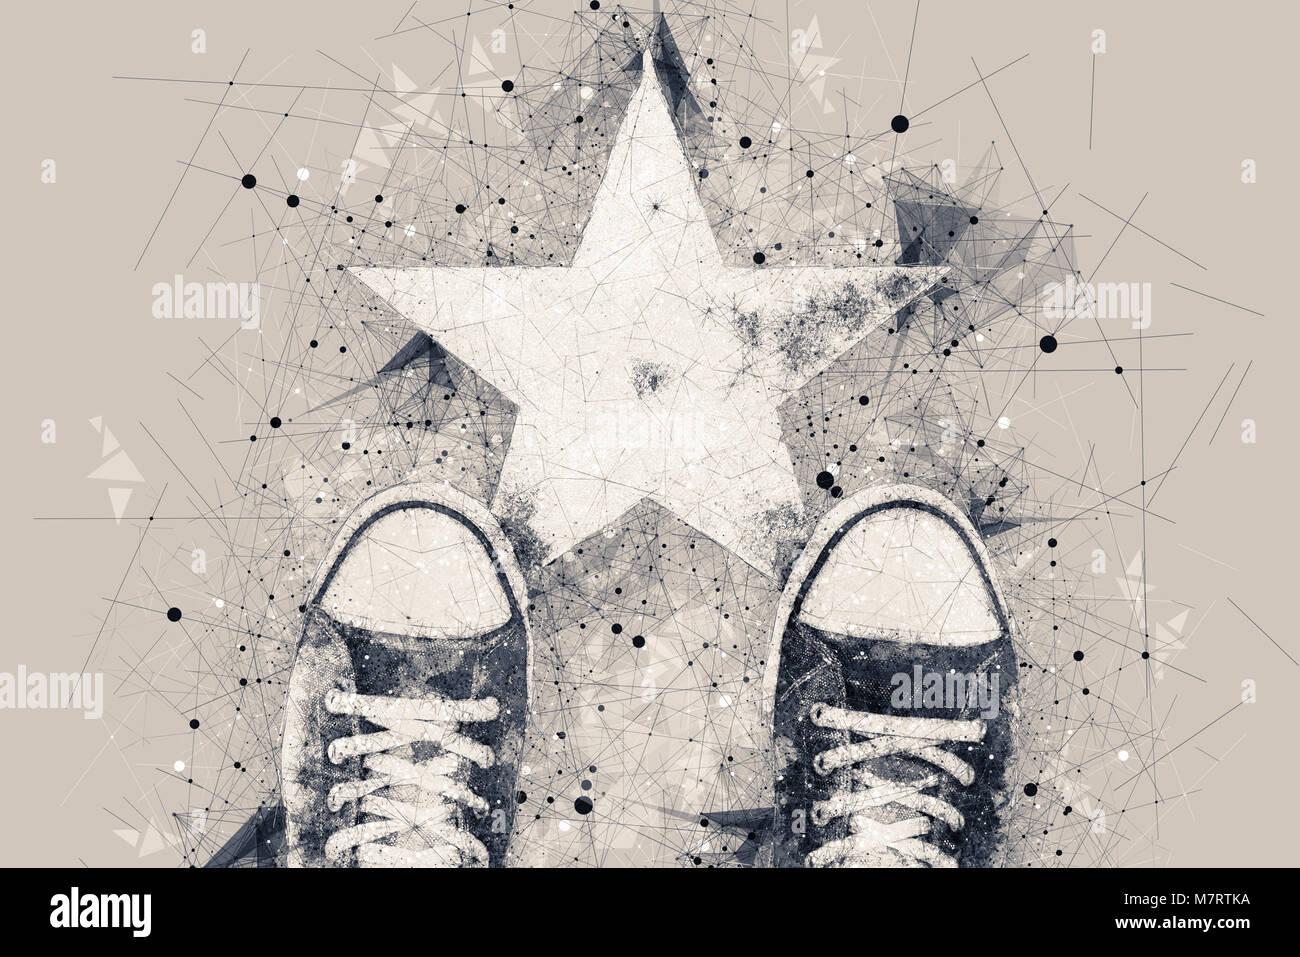 Joven en la carretera con forma de estrella imprint - talento, VIP, premio y premio Ilustración conceptual Imagen De Stock